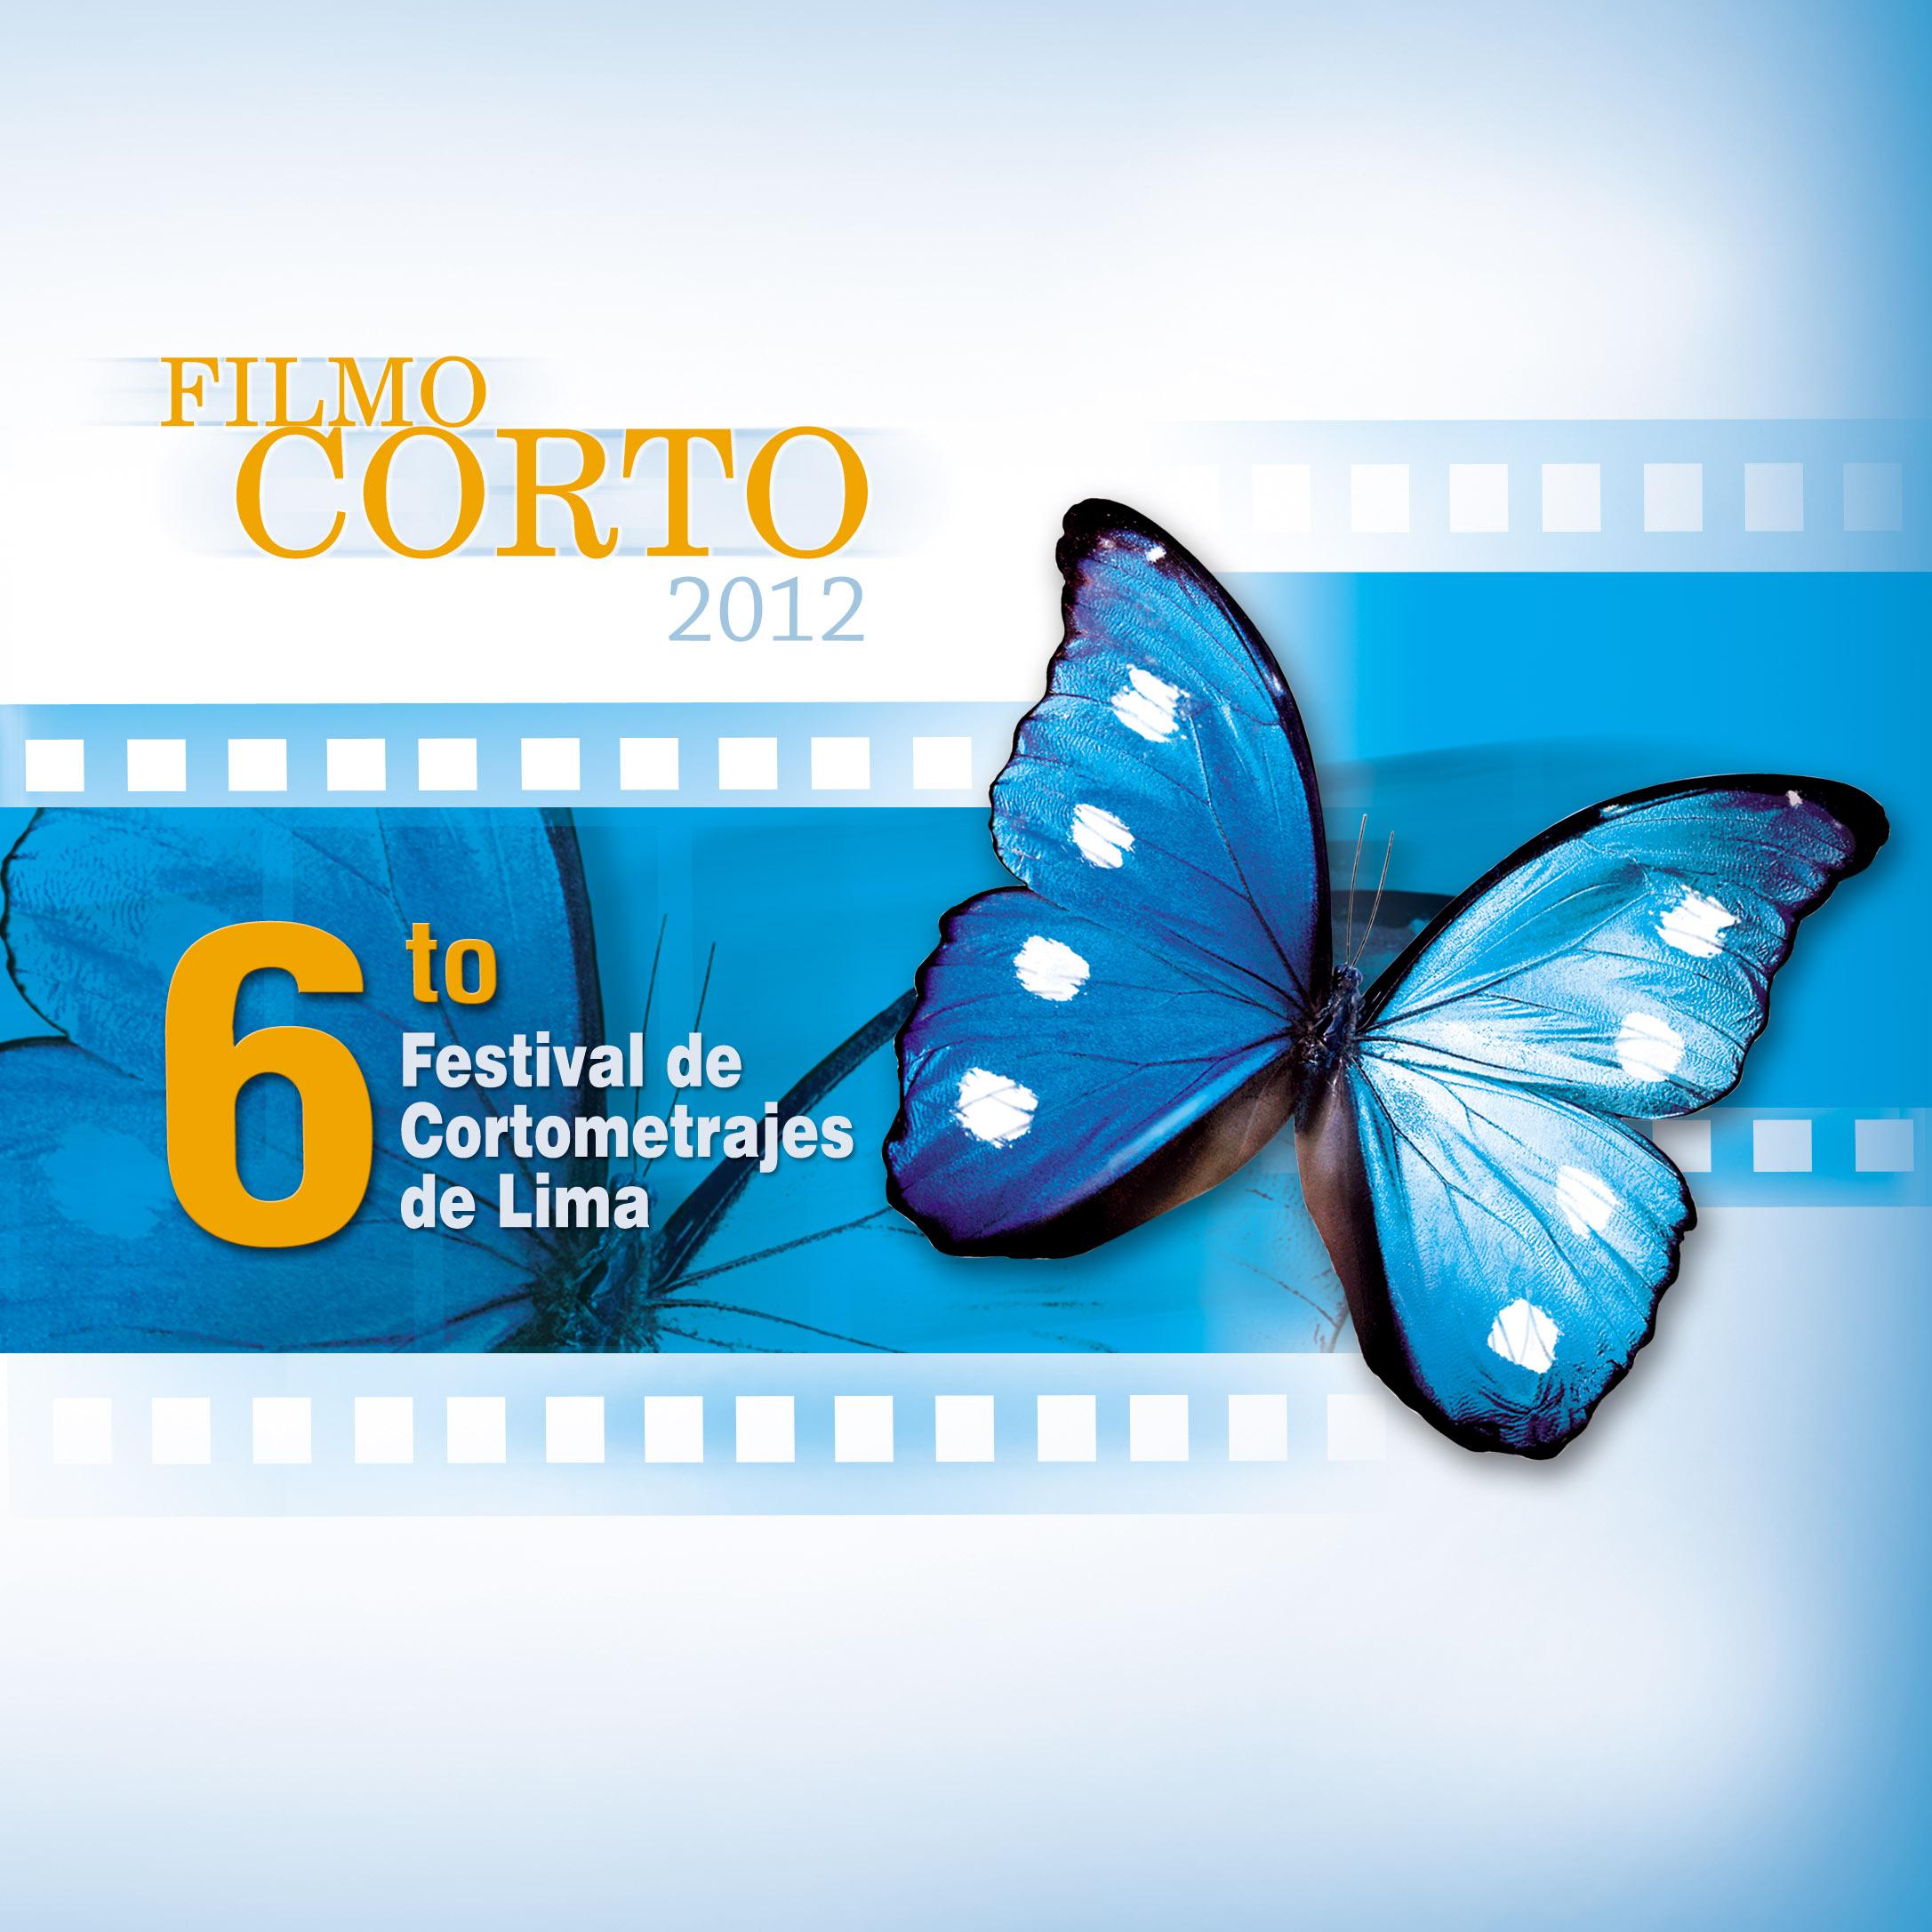 Filmocorto 2012